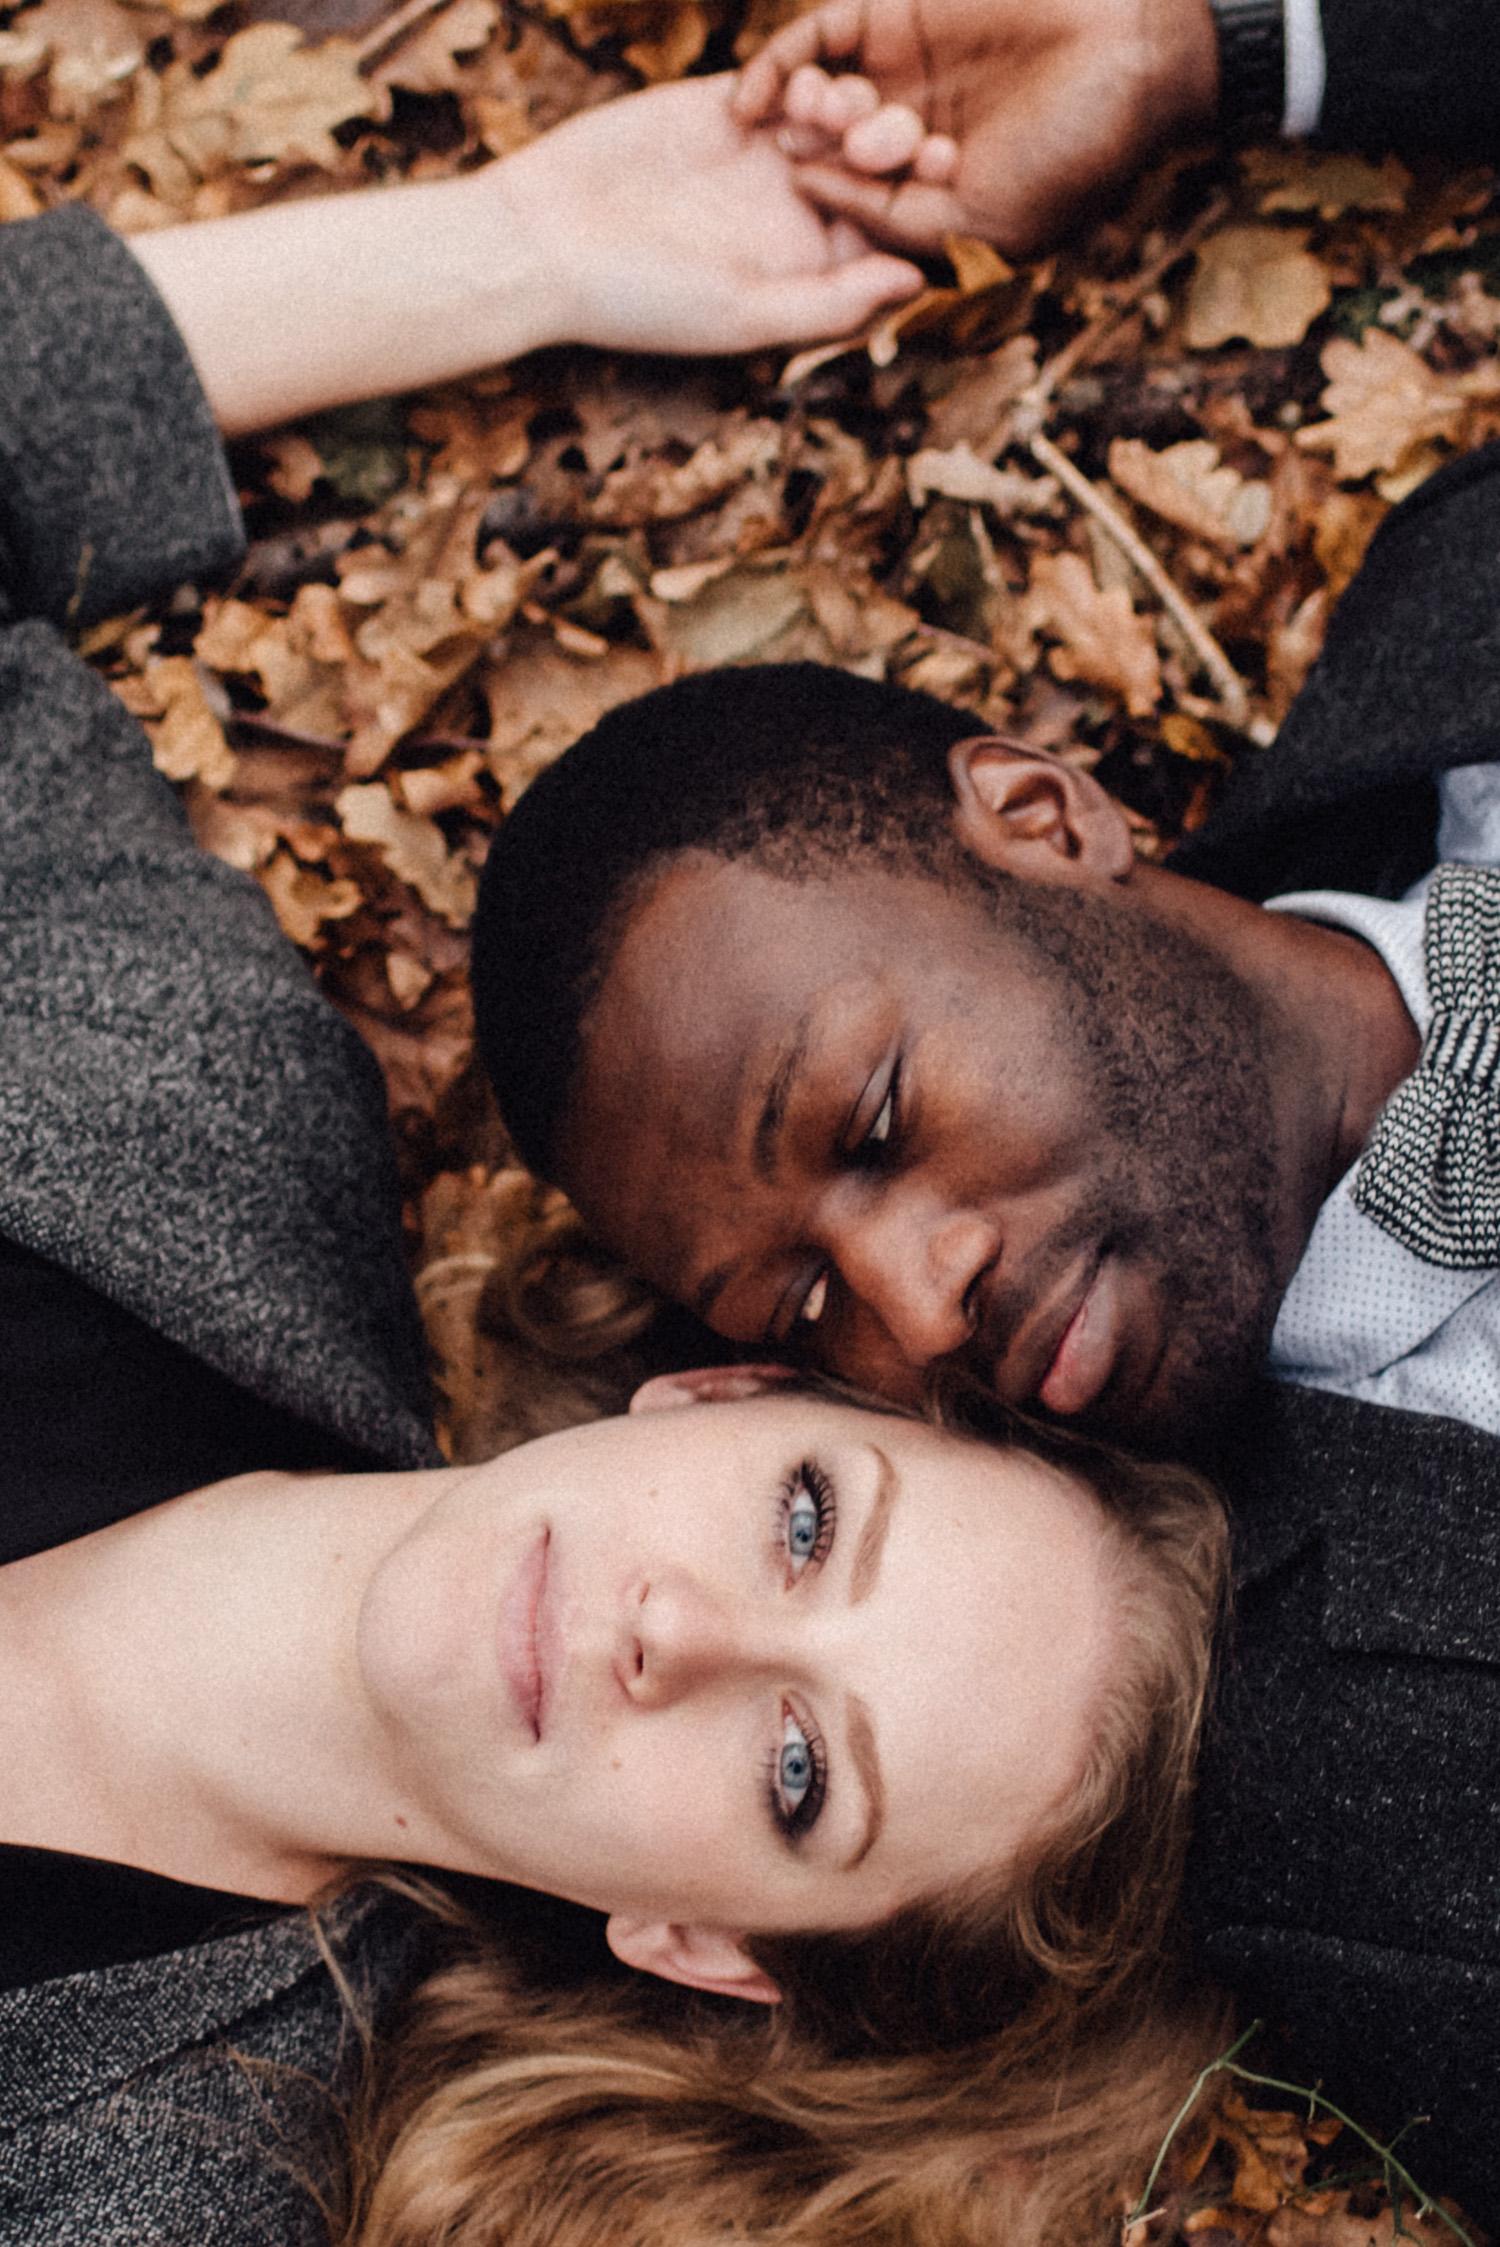 Ein Paar liegt auf einem mit Laub bedeckten Boden. Die Frau schaut den Betrachter direkt an während ihr Verlobter sie ansieht.